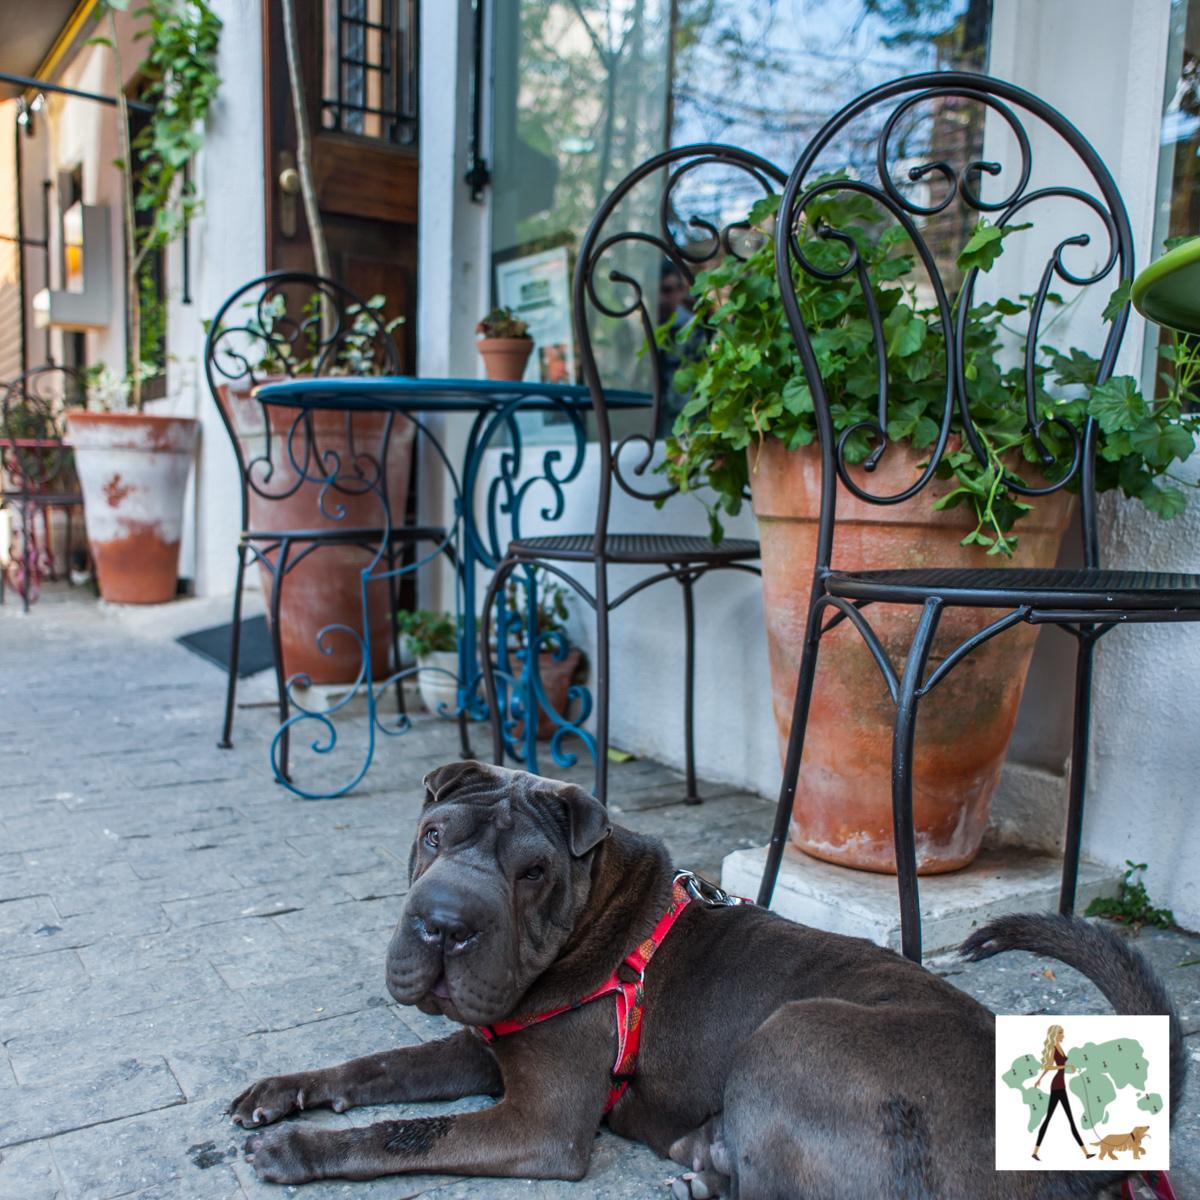 cachorro sentado na calçada ao lado de mesas